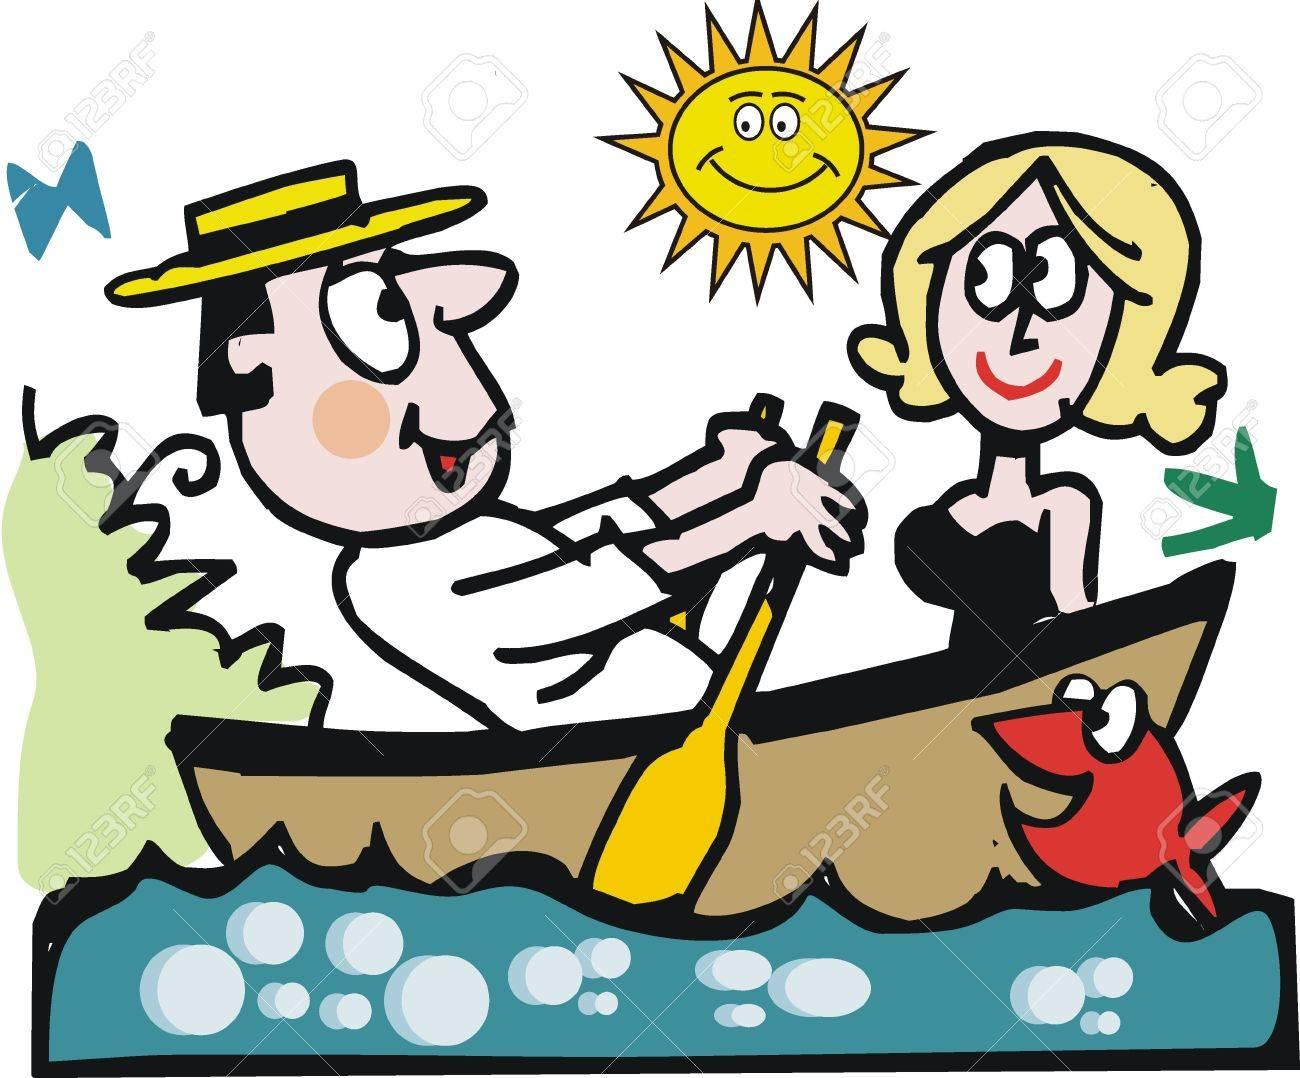 Bildresultat för tecknade båtar